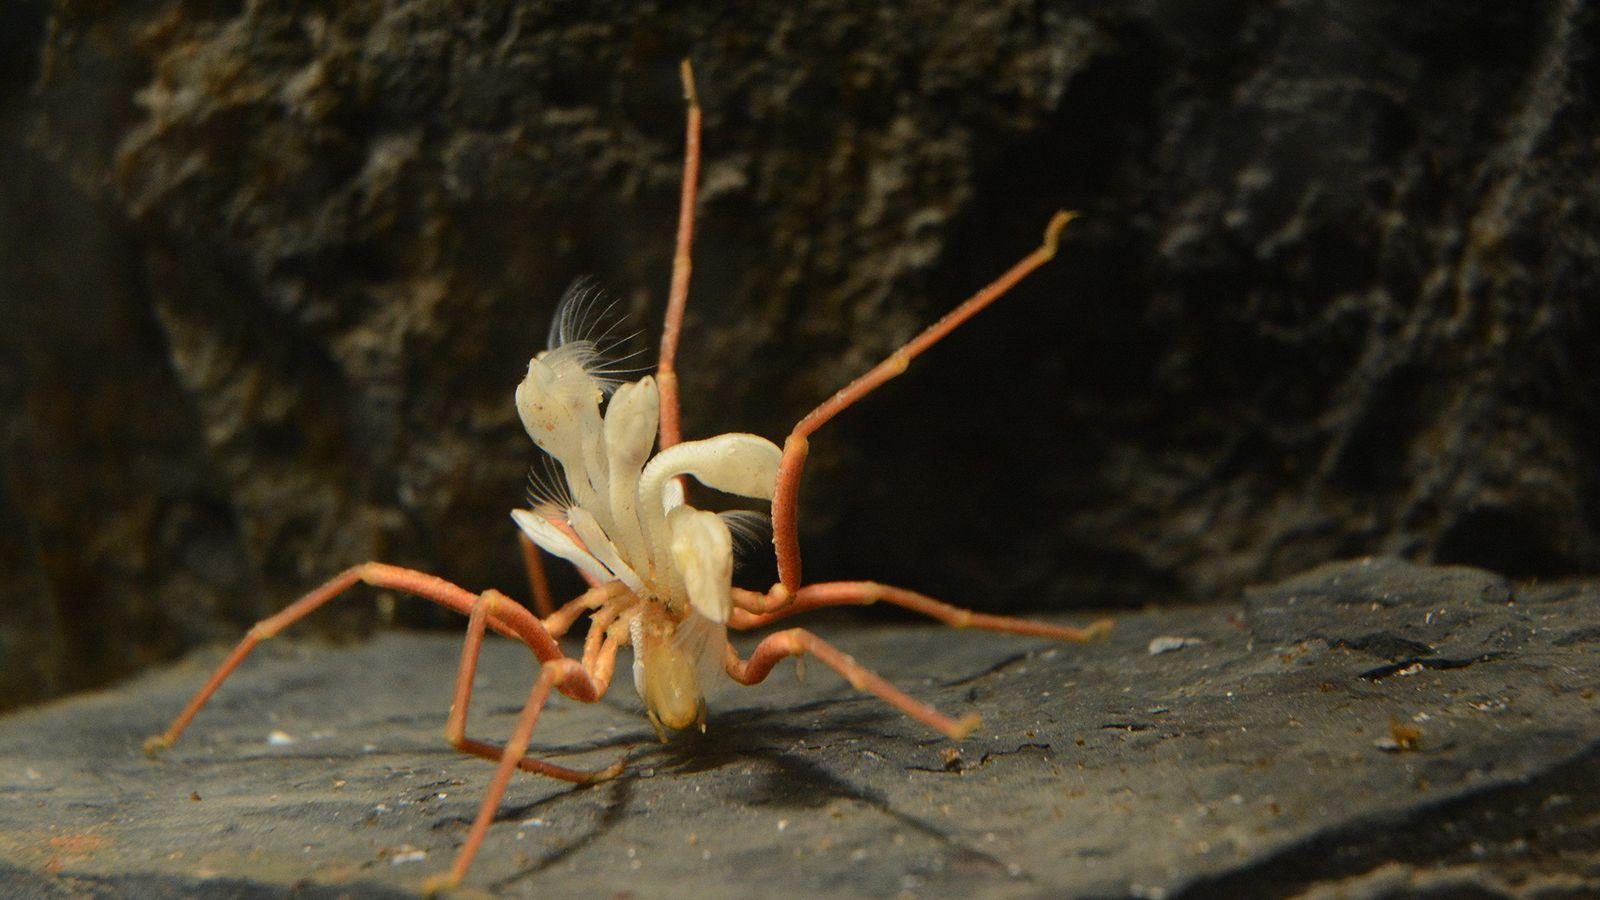 Uma aranha-do-mar antártica (Ammothea glacialis) com cerca de 15 cm de comprimento luta sob o peso ...